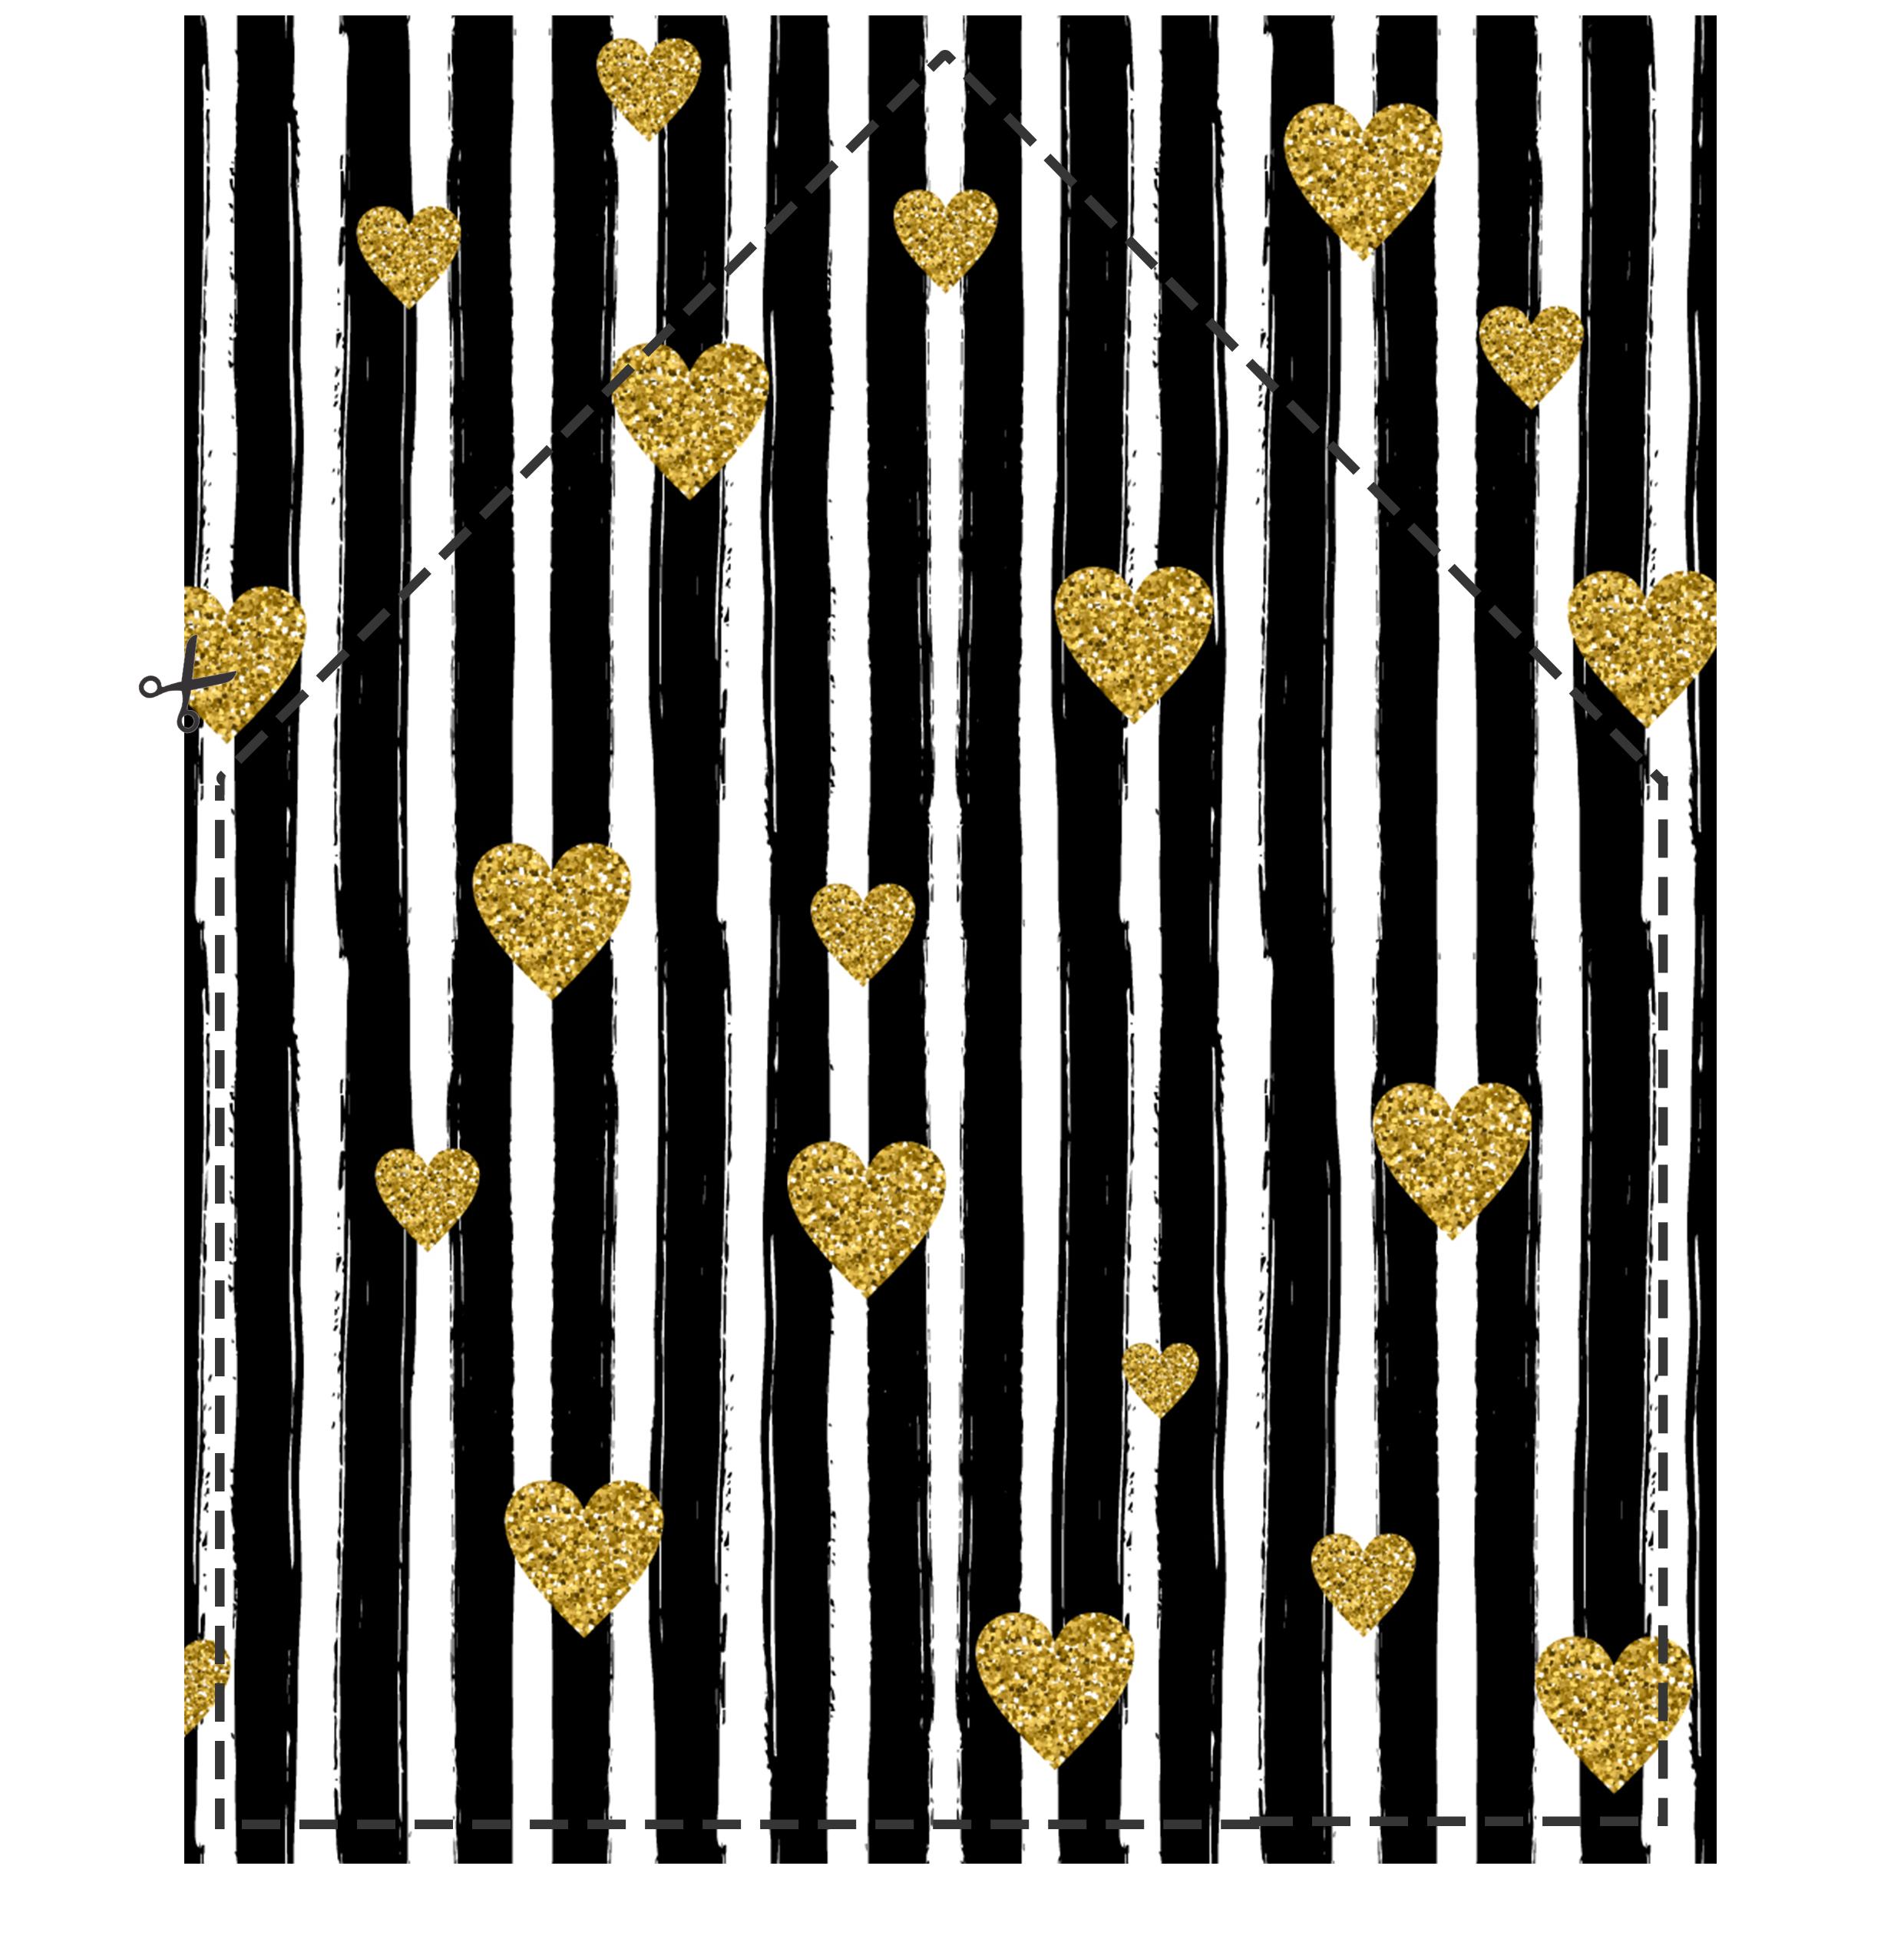 šablóna-vložka-do-obálky-na-stiahnutie-glamoure-čierne-pruhy-a-zlaté-srdiečka